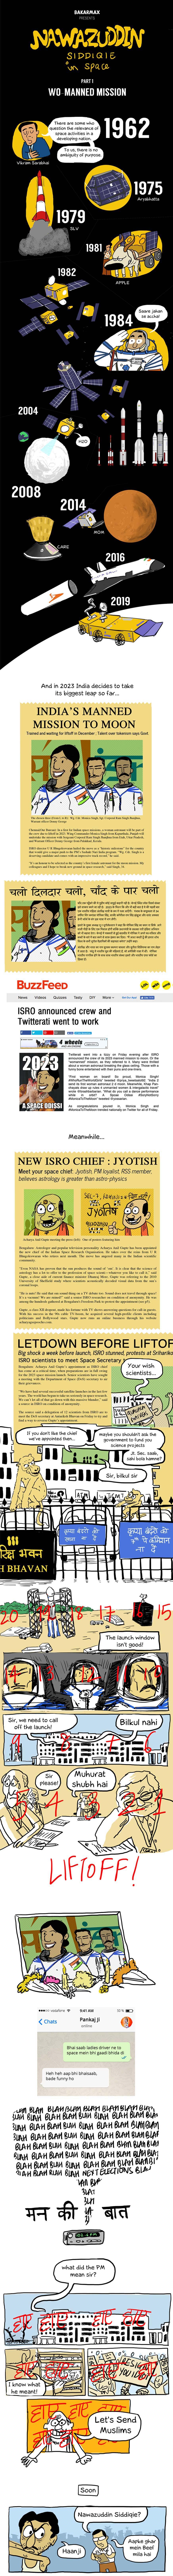 Nawazuddin Siddiqui in Space Part 1